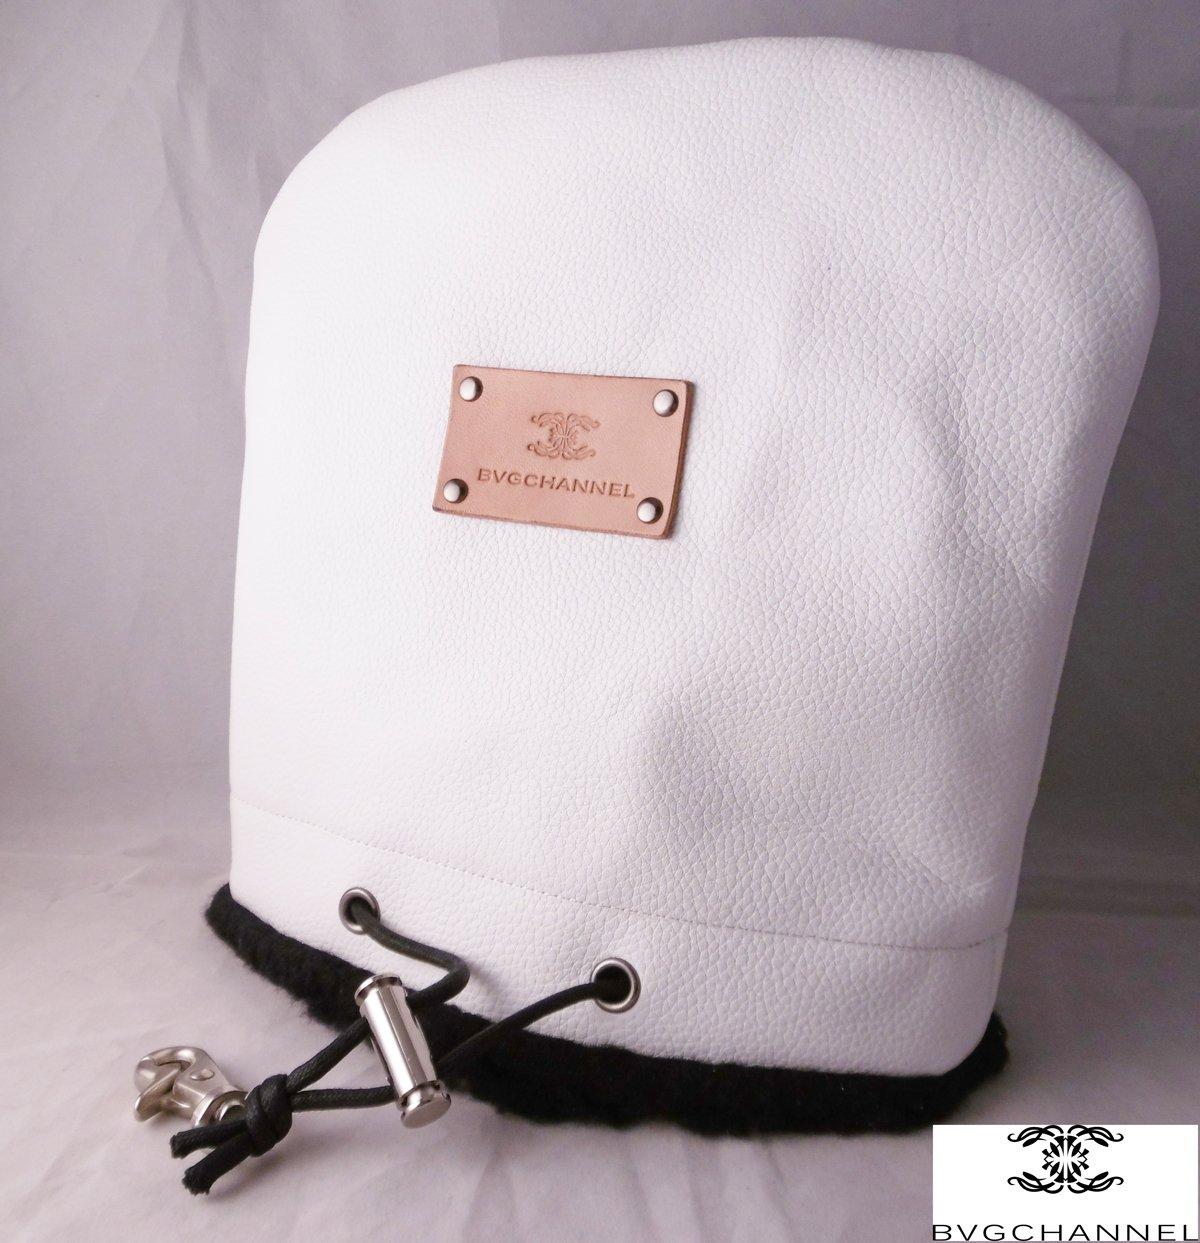 【高価値】 レザーアイアンカバー ホワイト アマルティアヴェネレ 最高級天然皮革 ホワイト B00UFF5IA2 B00UFF5IA2 ホワイト ホワイト, ソウマムラ:218fae65 --- vezam.lt